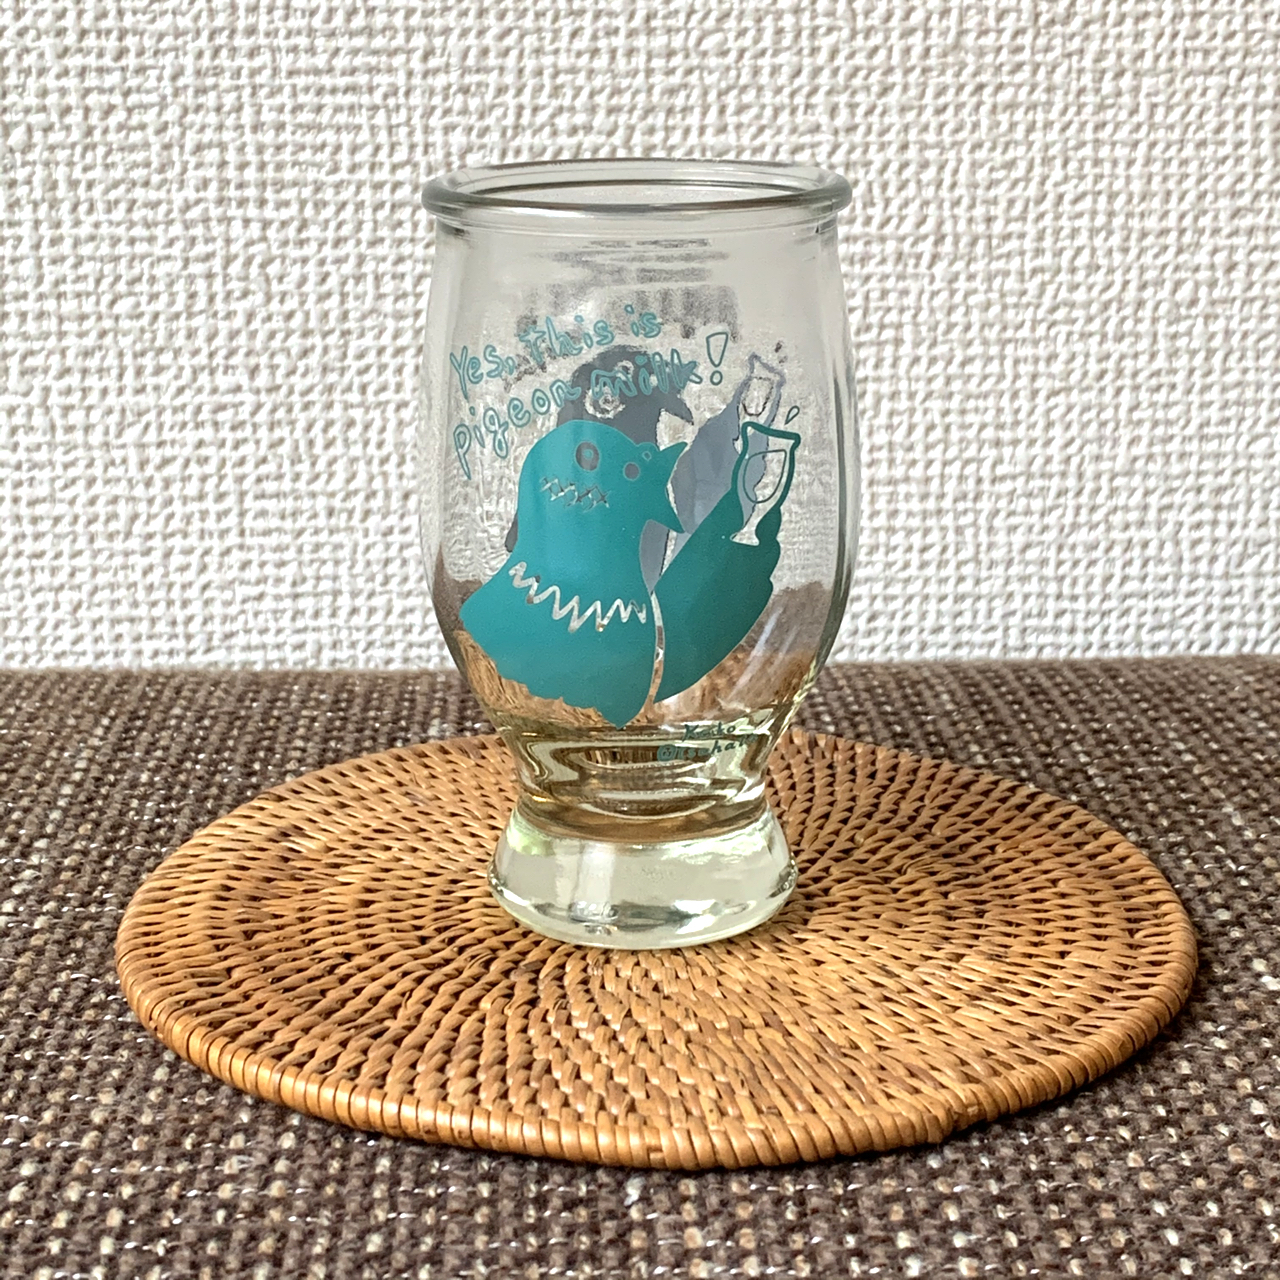 「ハトの般若湯」グラス